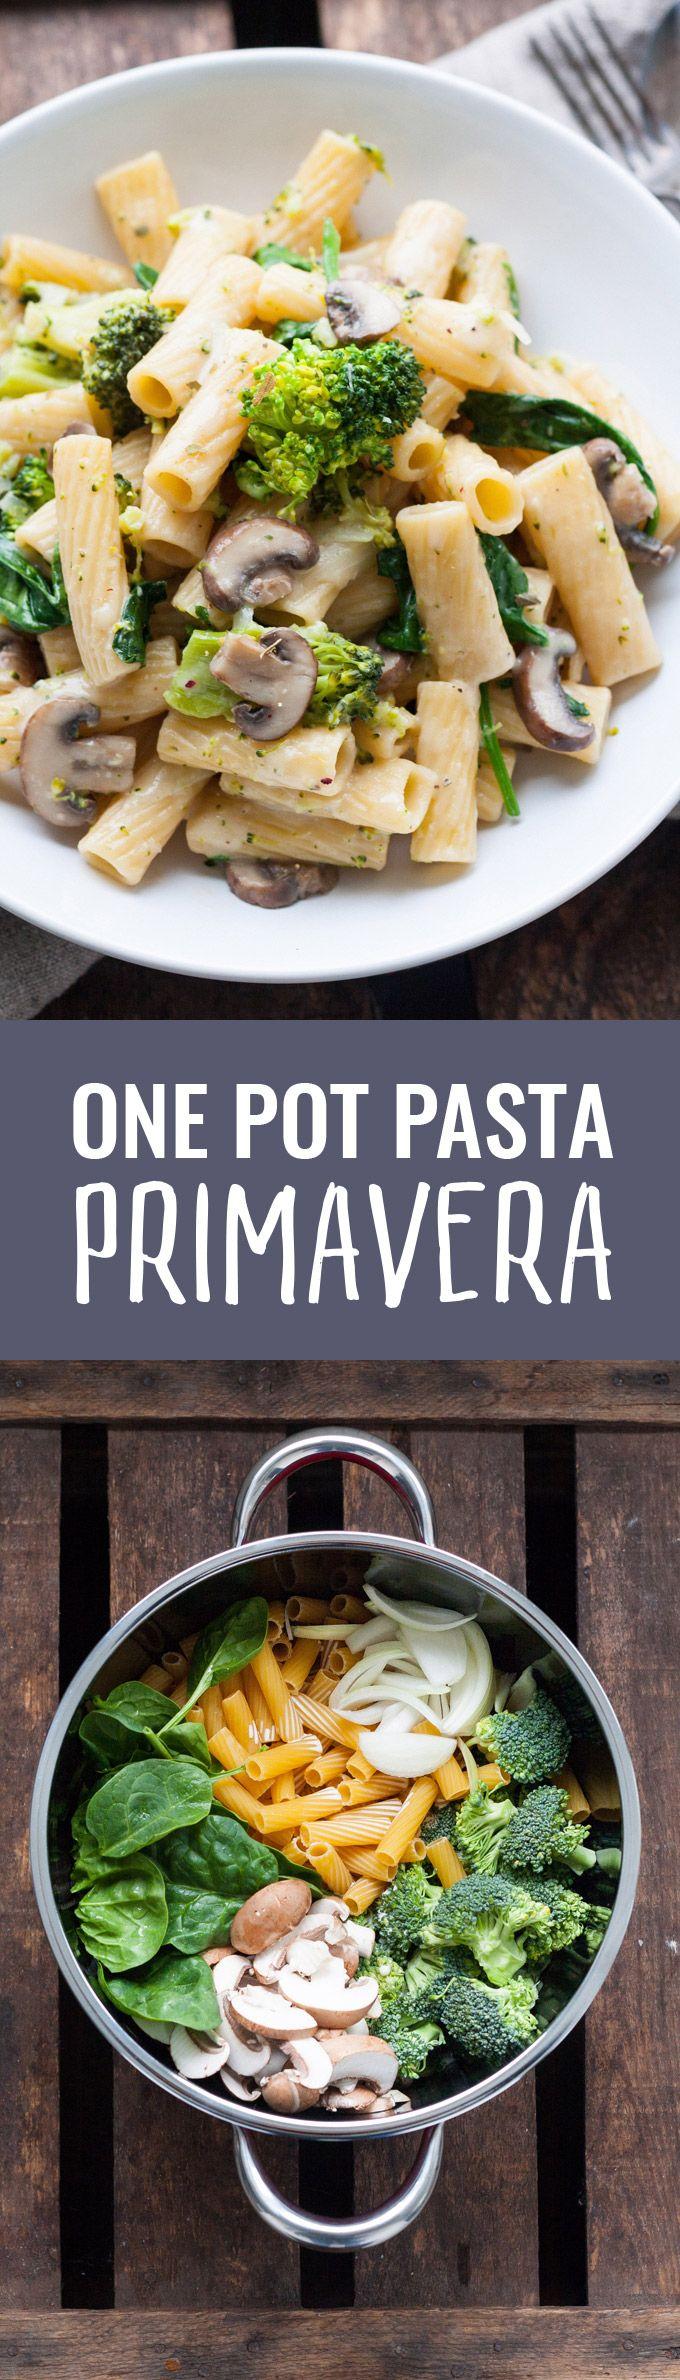 One Pot Pasta Primavera. Für dieses 15-Minuten Rezept braucht ihr nur einen Topf und neun Zutaten. Ein Muss für jeden Pastaliebhaber!